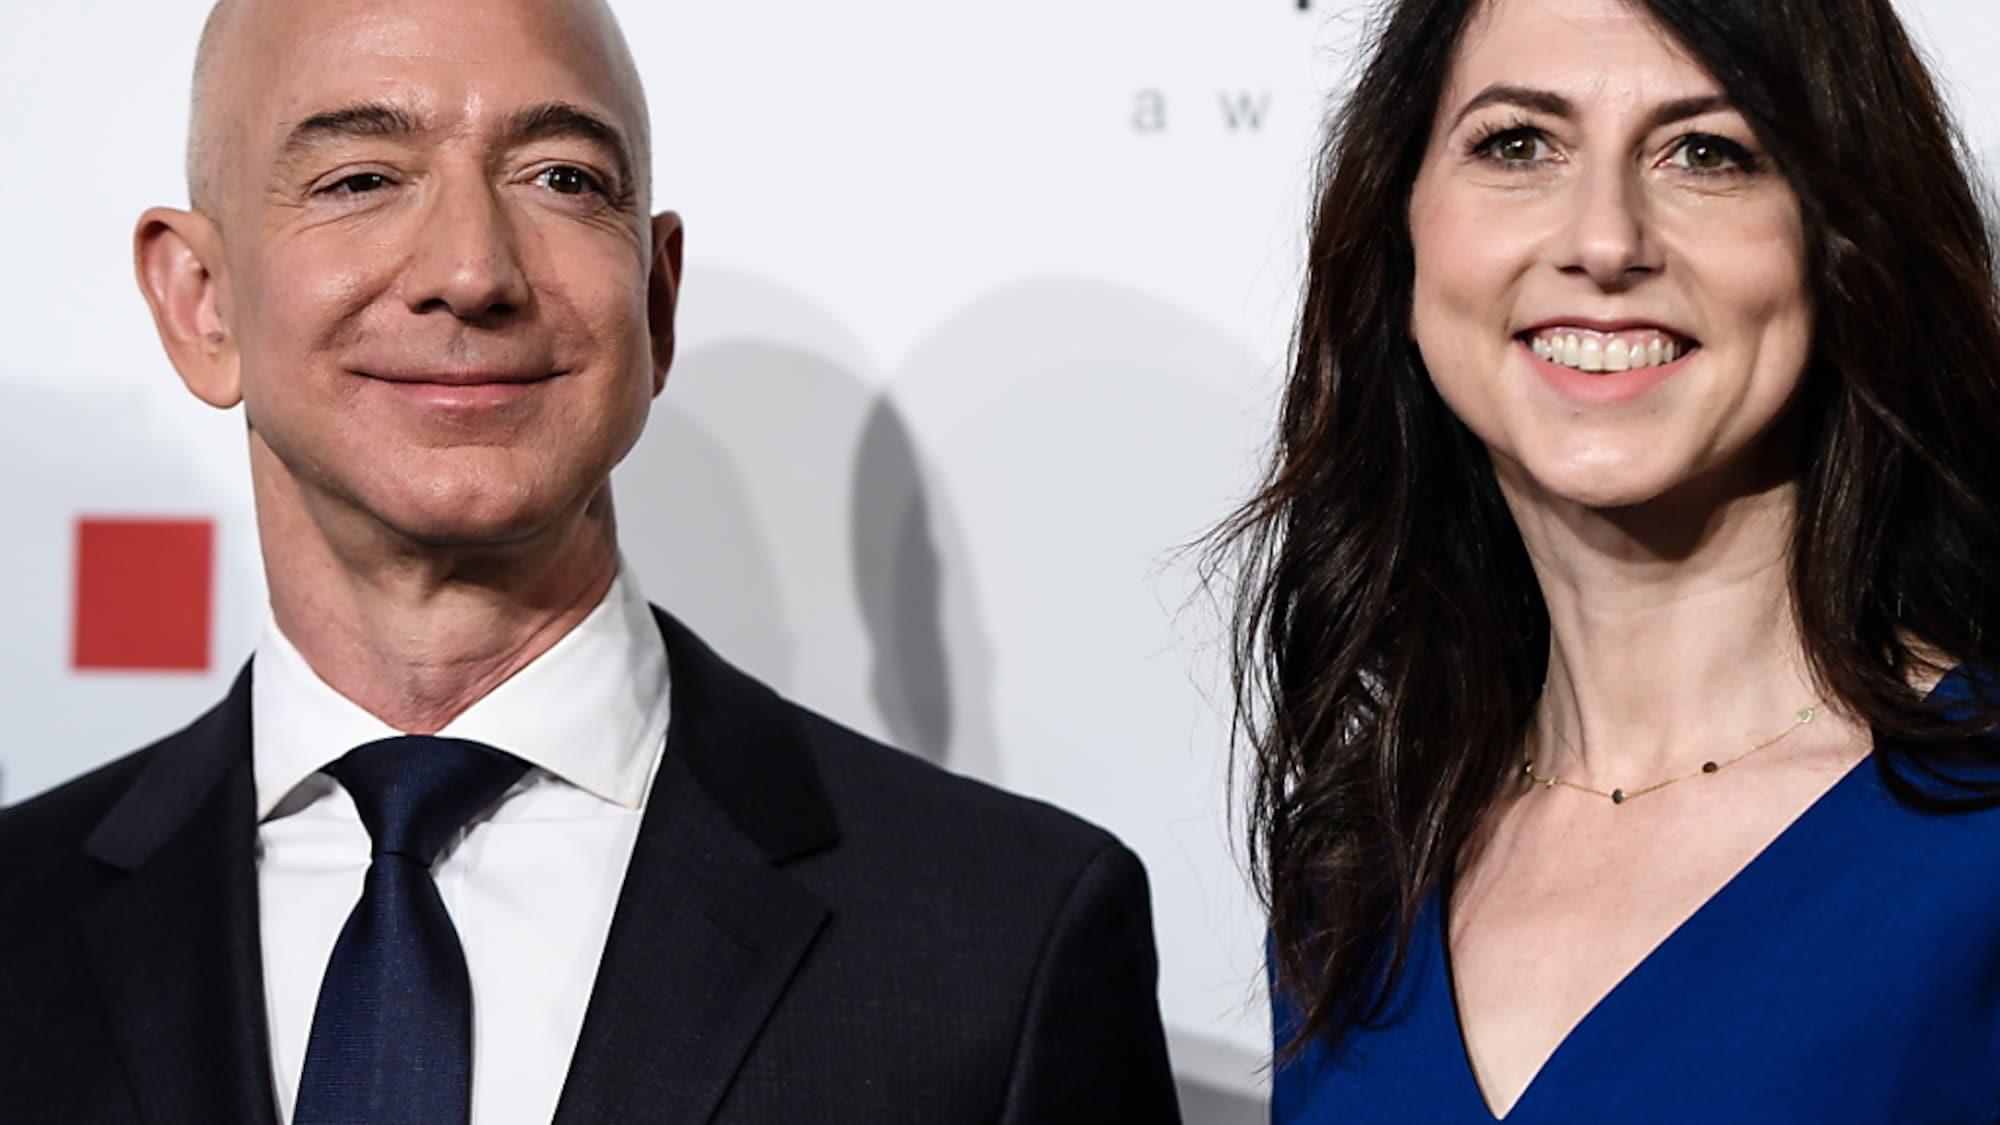 Vermischtes: Amazon-Chef Bezos zahlt 80 Millionen Dollar für neue Bleibe